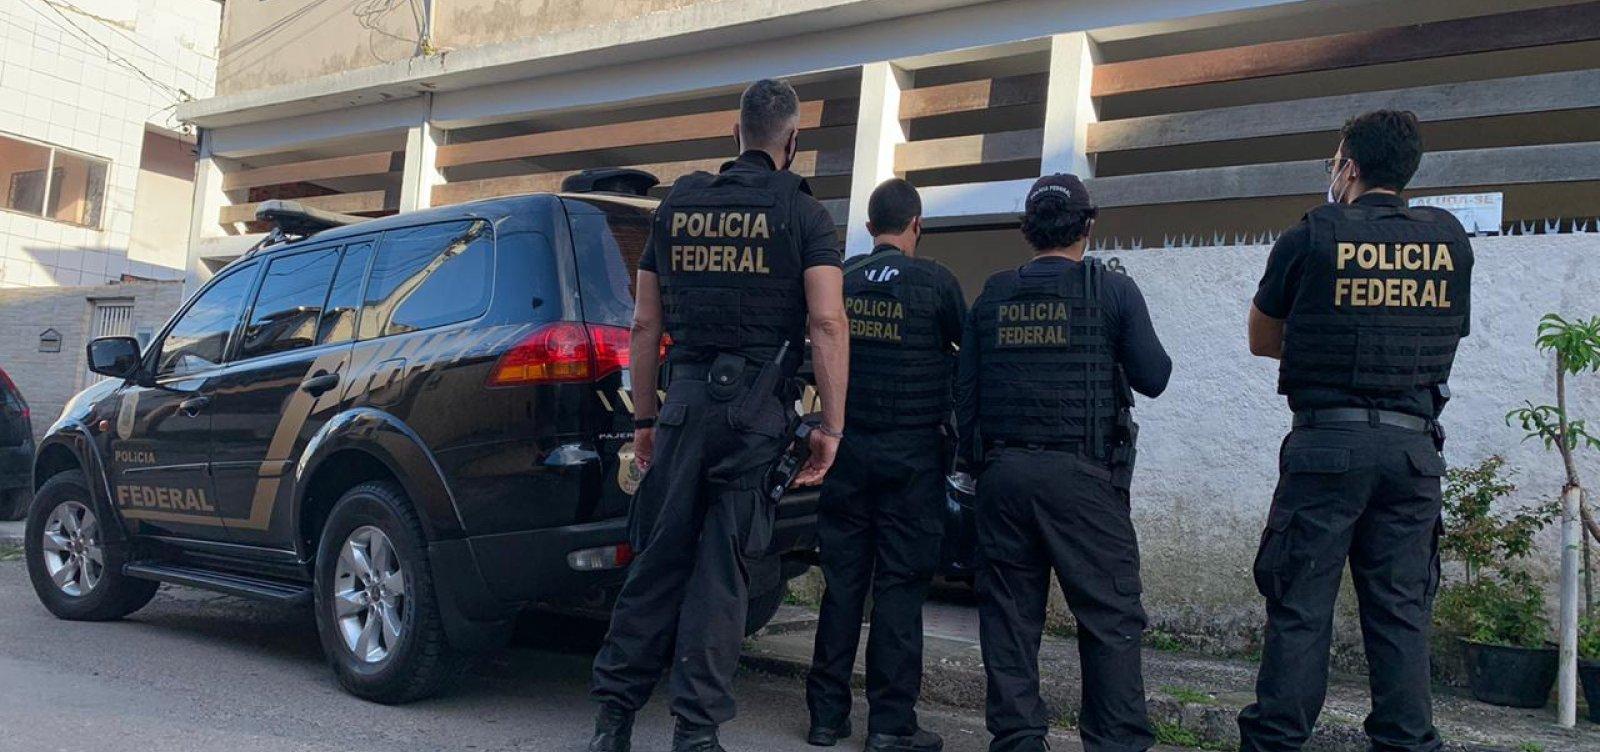 [Operação 'Primeira Parcela': PF combate fraudes no auxílio emergencial na Bahia]